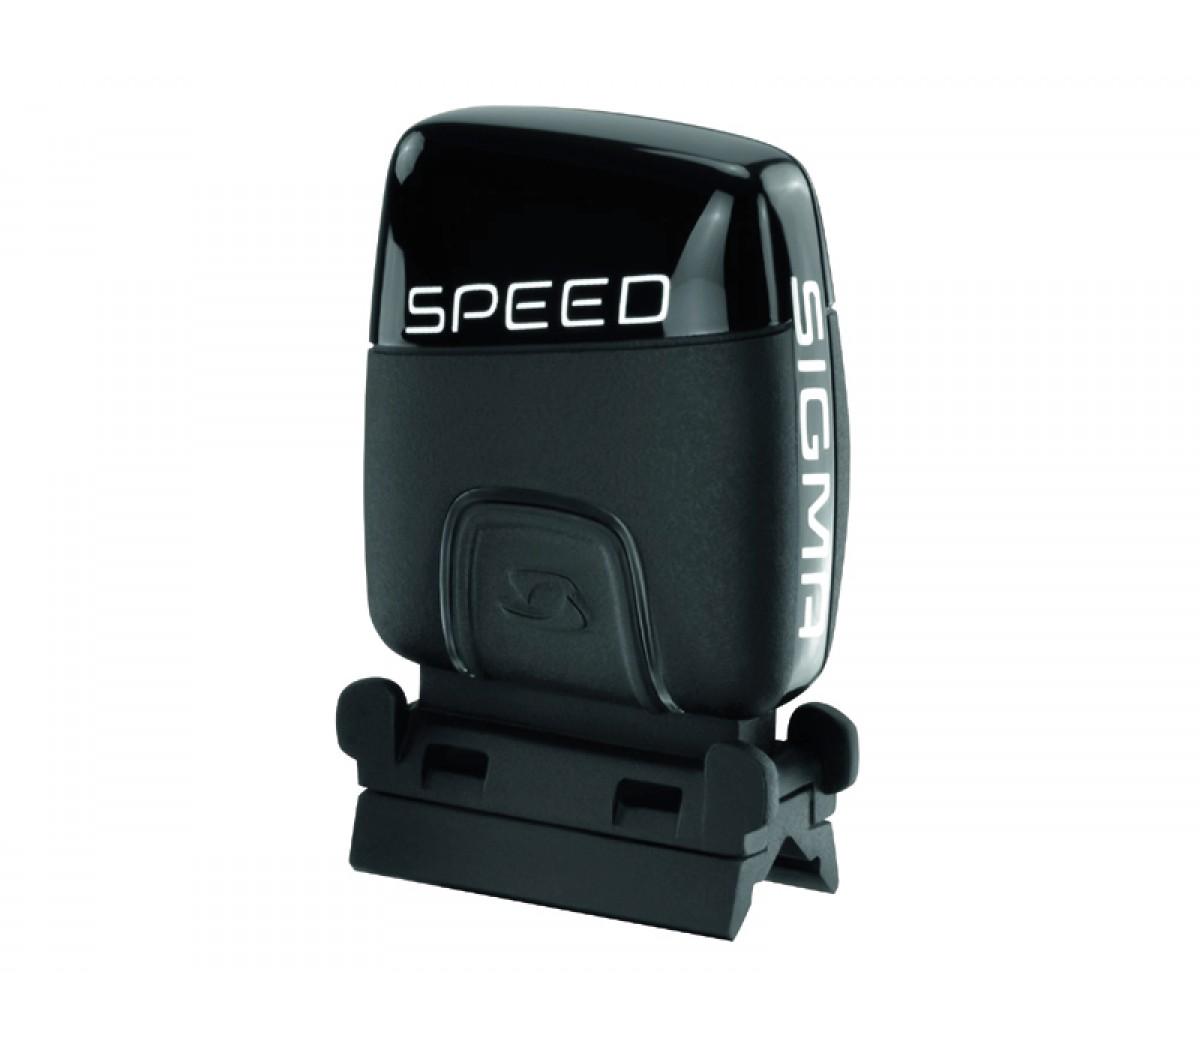 Sigma Ant+ snelheid-sensor voor de Rox 10.0 fietscomputer/hartslagmeter.